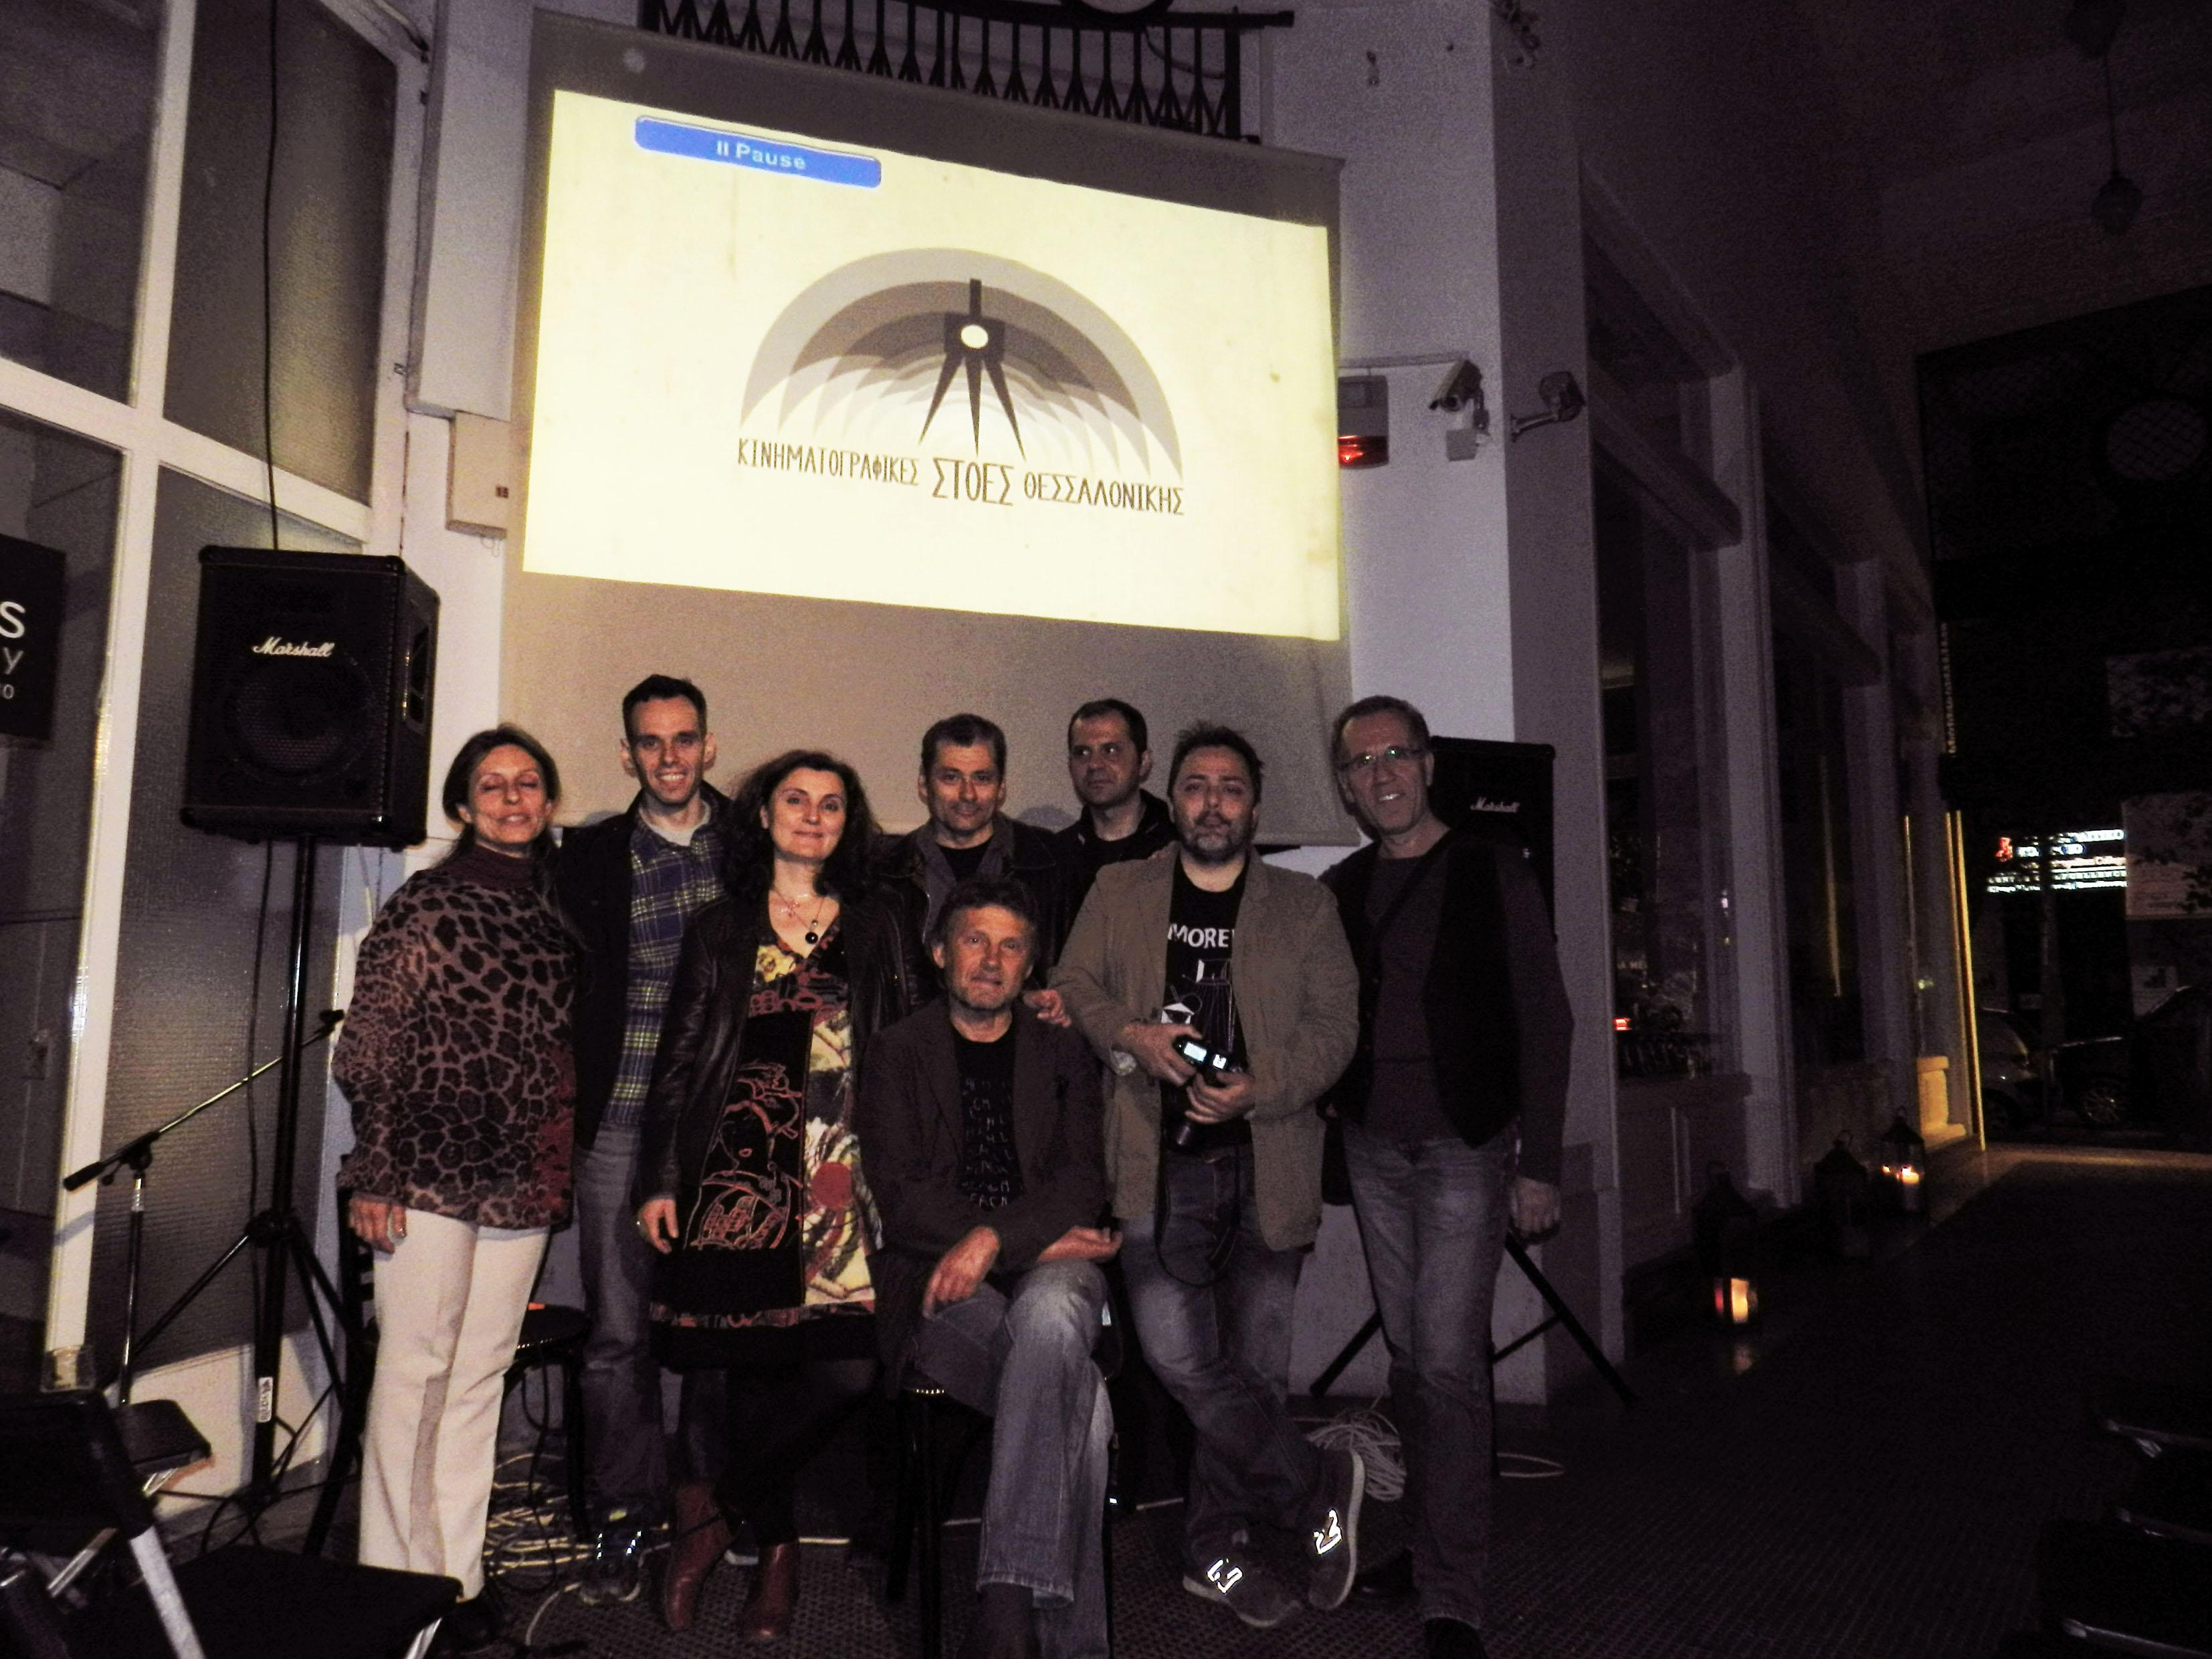 Η ιστορική συλλογική φωτογραφία, στο τέλος των εργασιών του Φεστιβάλ.